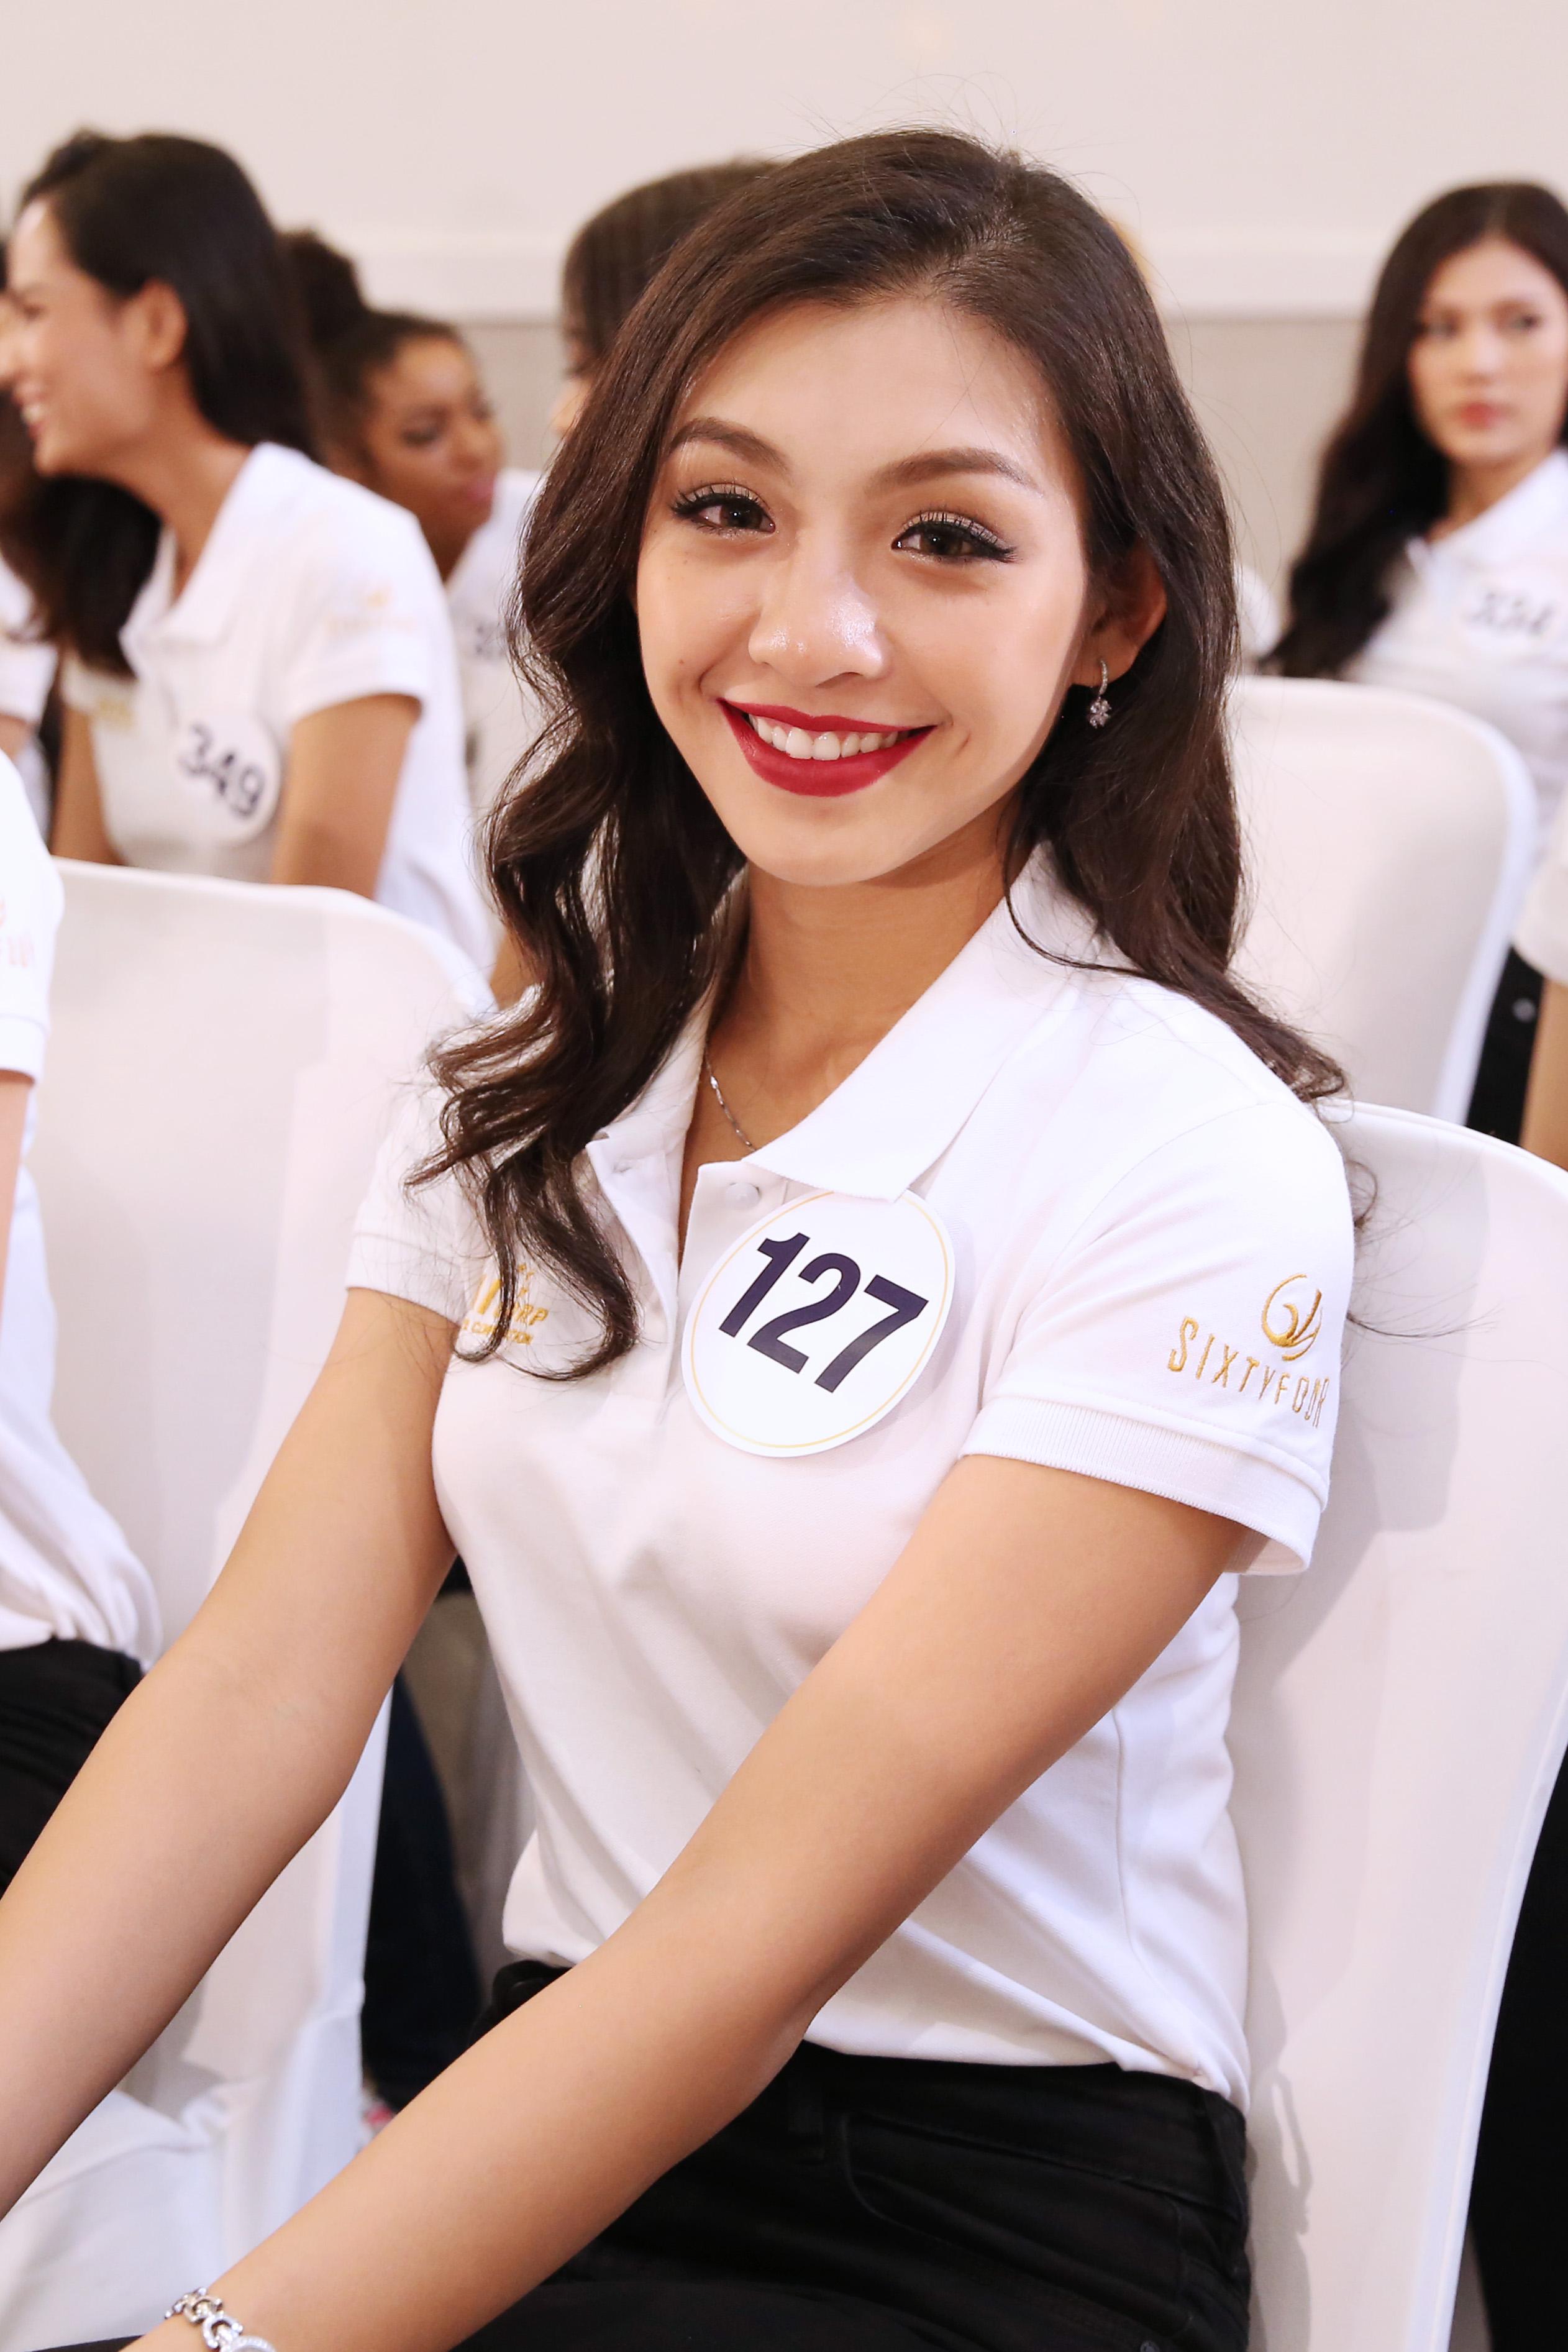 Thí sinh Hoa hậu Hoàn vũ VN khoe vẻ đẹp thuần khiết trong đồng phục trắng - Ảnh 2.